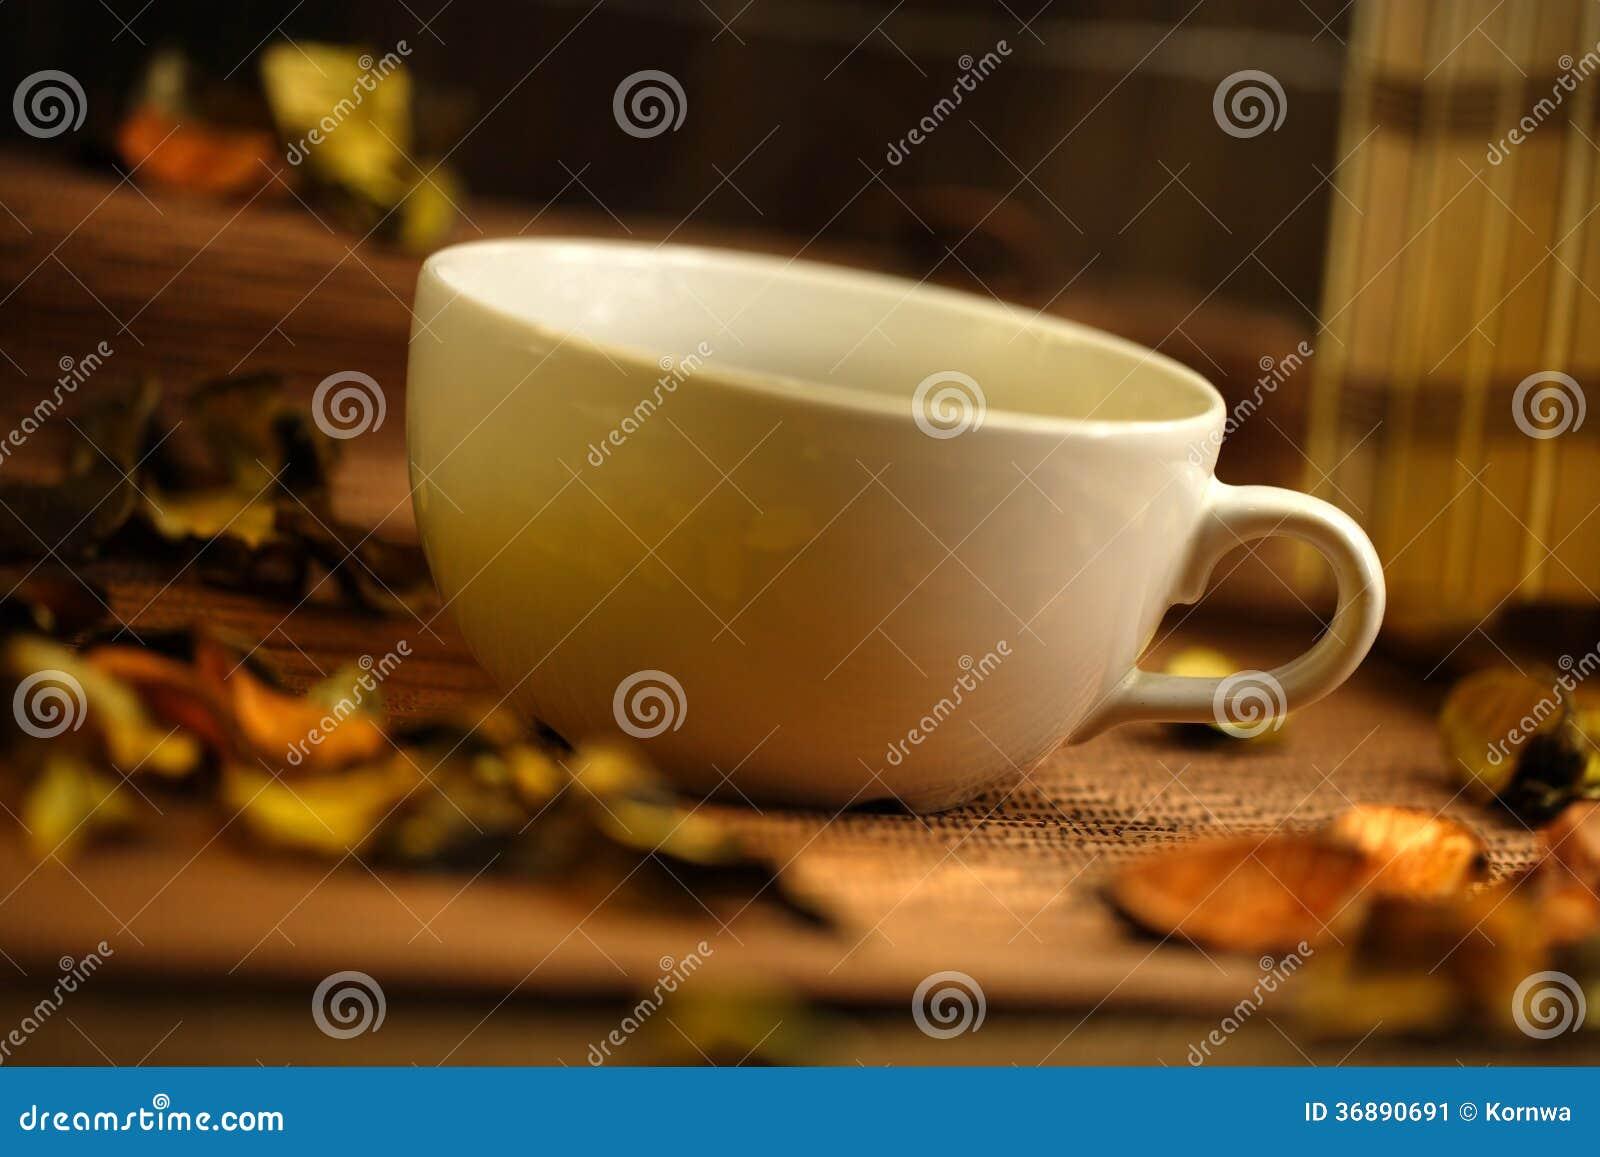 Download Tazza delle erbe immagine stock. Immagine di menta, dolce - 36890691